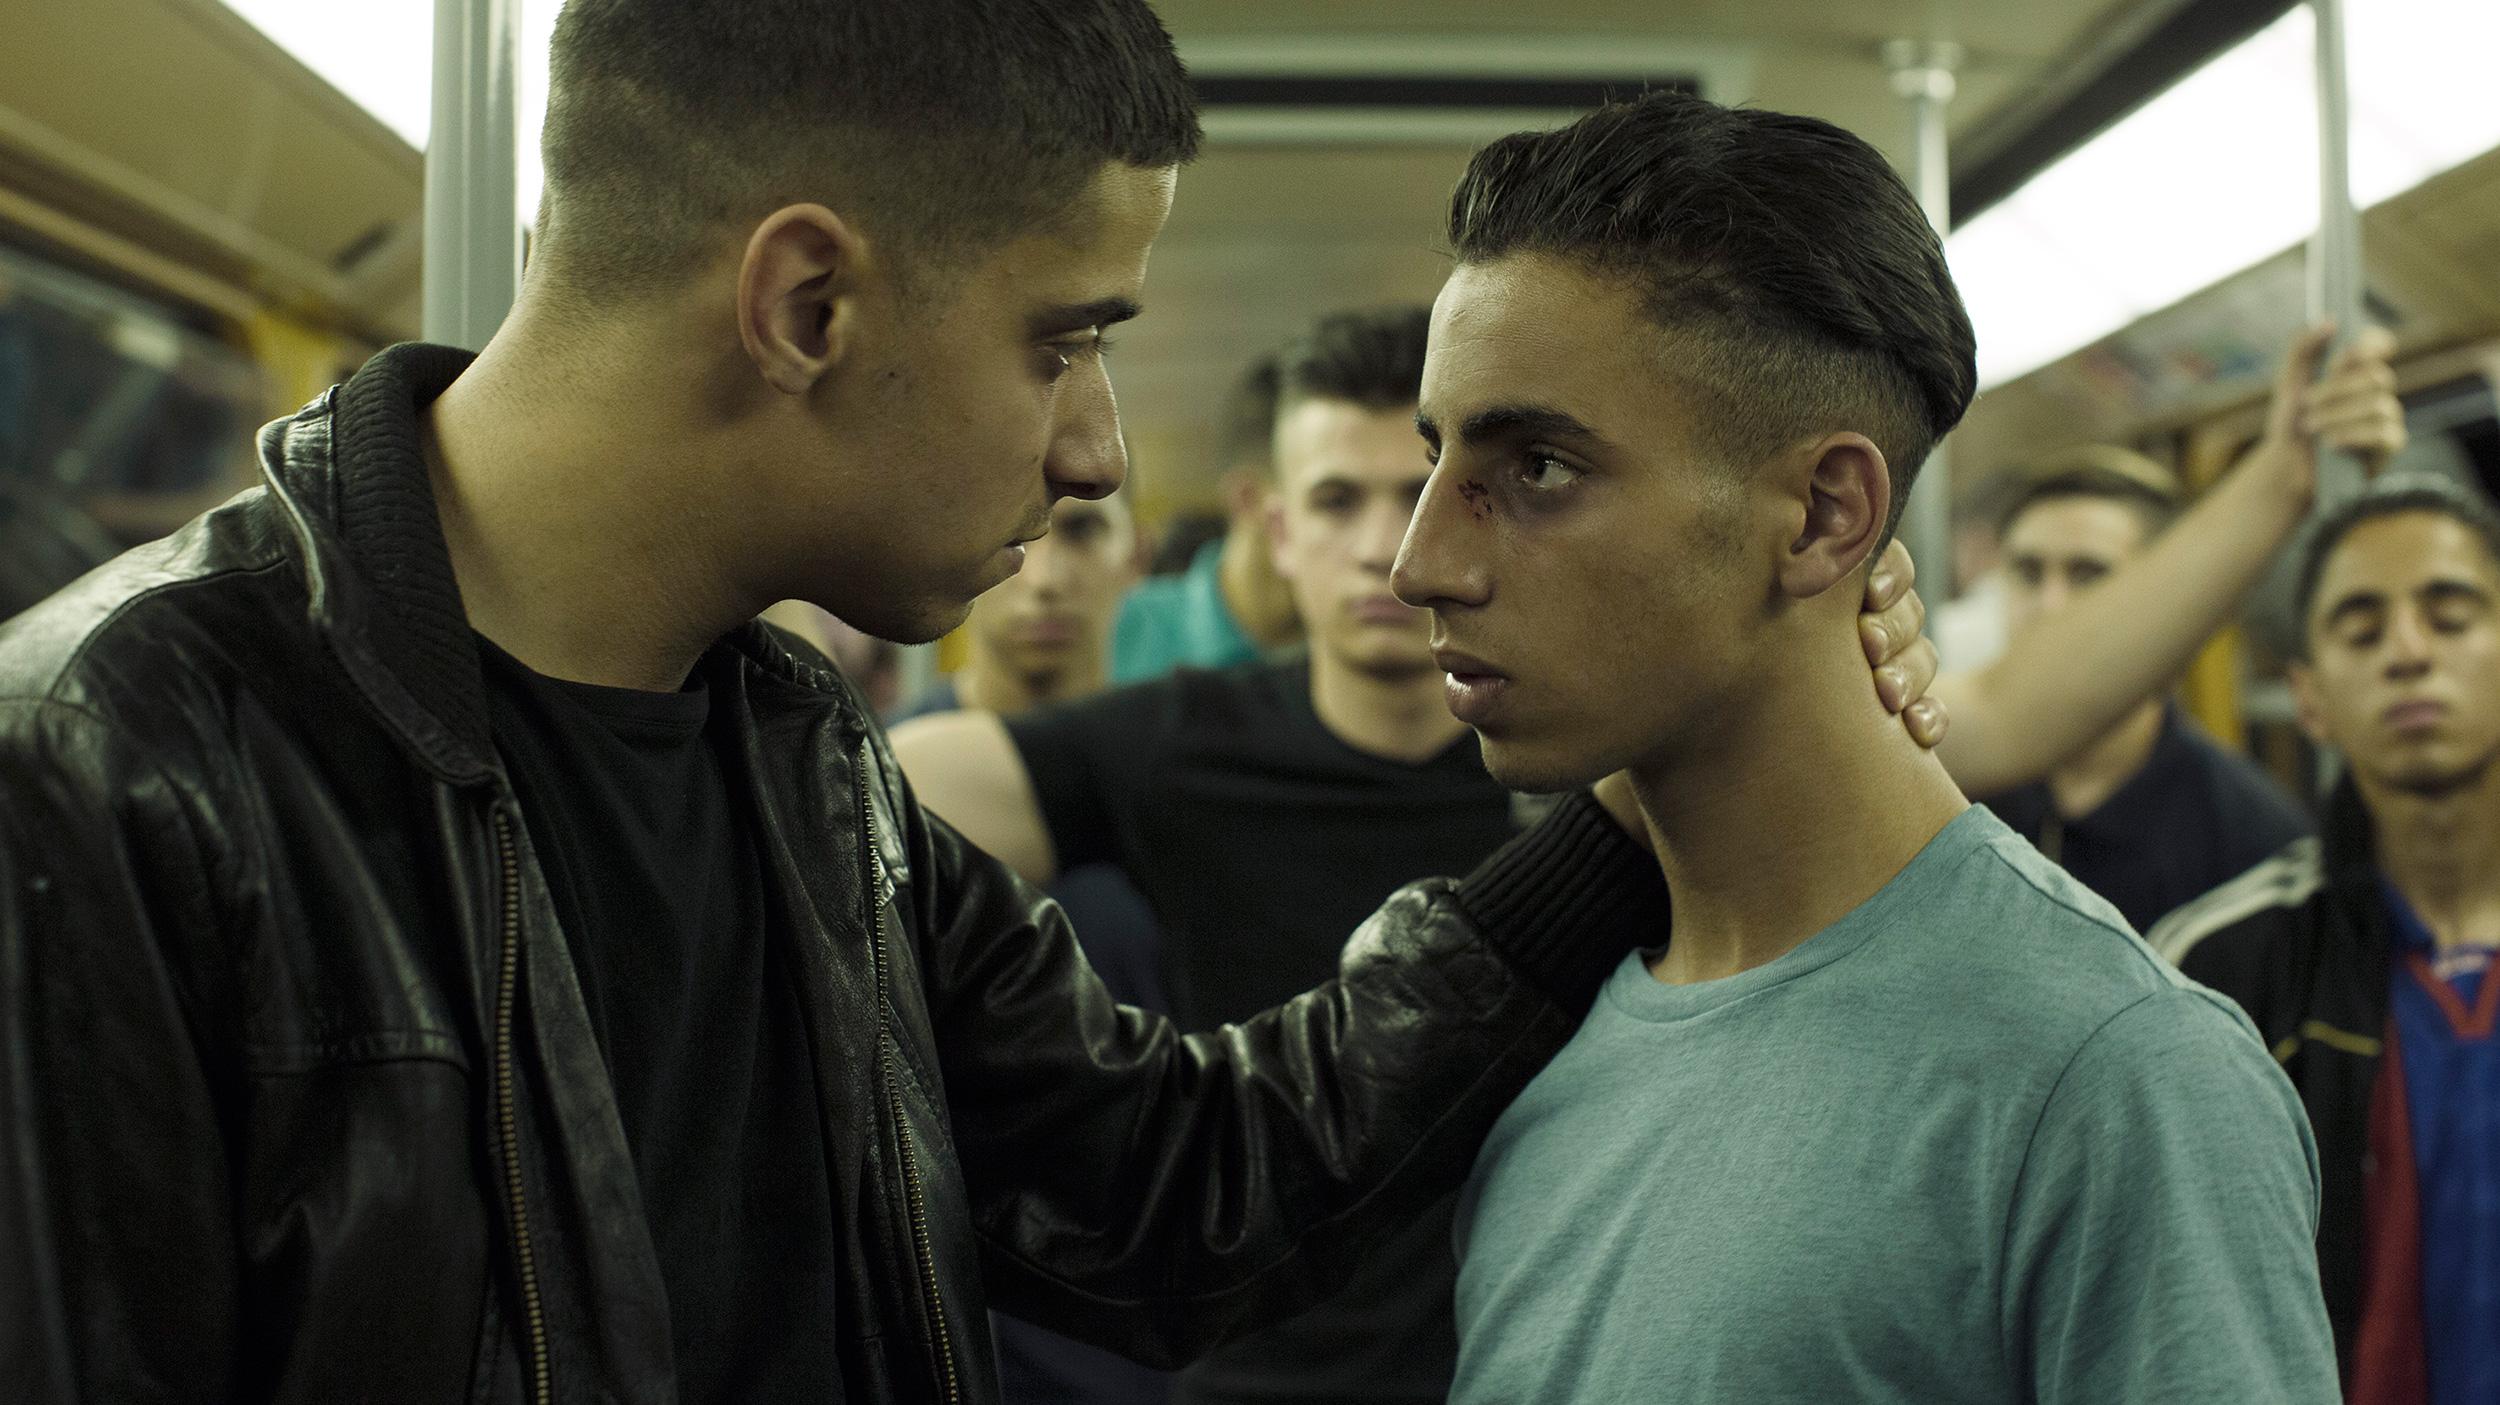 Black Bruxelles - L'amore ai tempi dell'odio: un'inquadratura del film